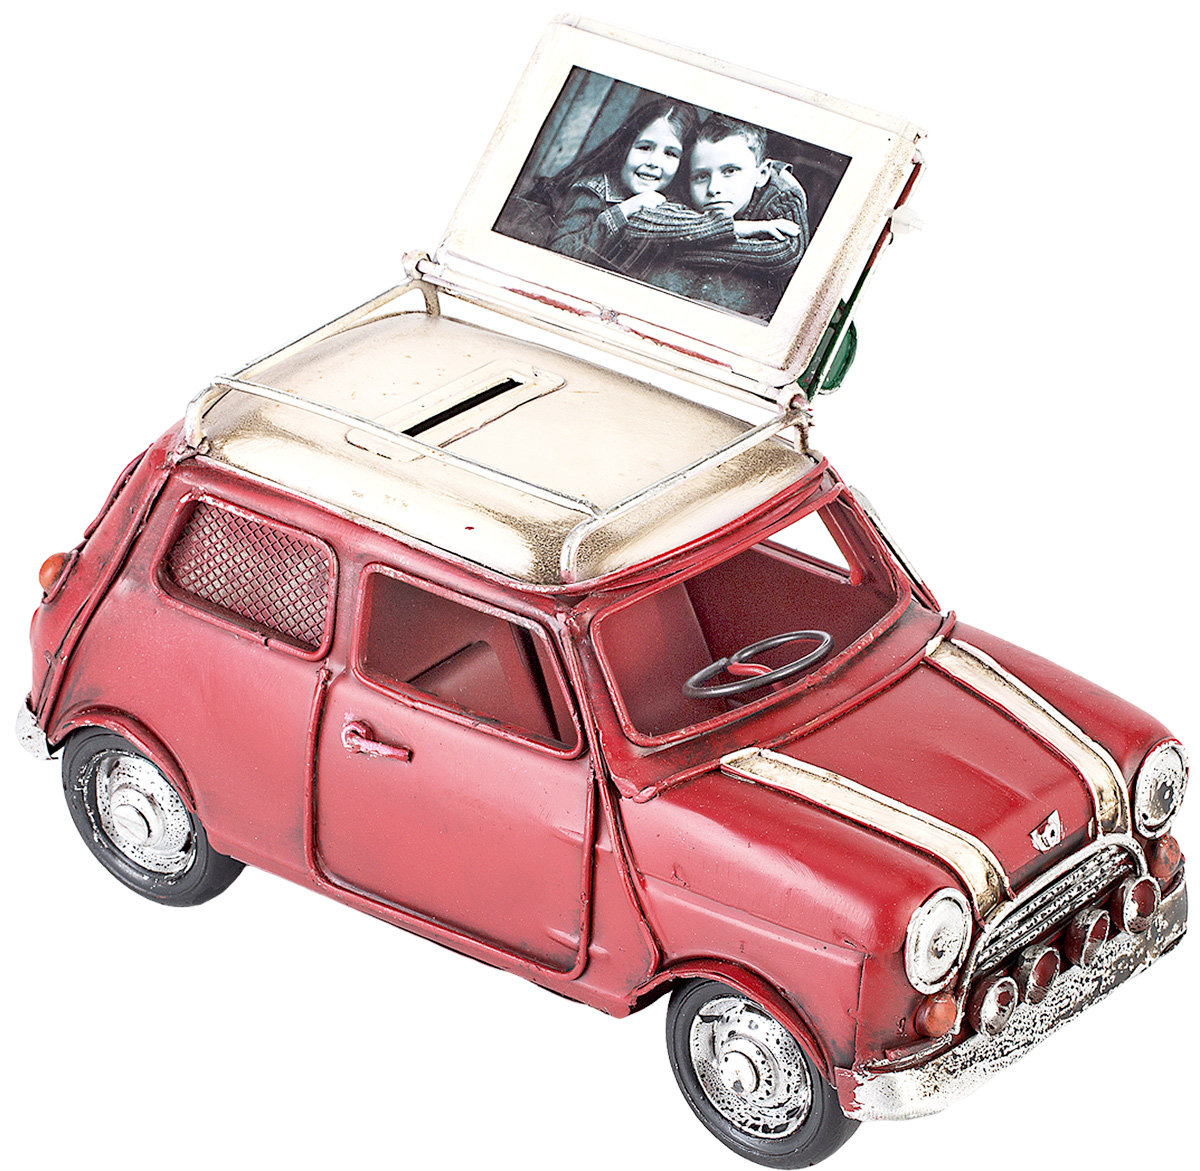 Модель Platinum Автомобиль, с фоторамкой и копилкой. 1404E-4344JP-42/ 4Модель Platinum Автомобиль, выполненная из металла, станет оригинальным украшением интерьера. Вы можете поставить модель ретро-автомобиля в любом месте, где она будет удачно смотреться.Изделие дополнено копилкой и фоторамкой, куда вы можете вставить вашу любимую фотографию.Качество исполнения, точные детали и оригинальный дизайн выделяют эту модель среди ряда подобных. Модель займет достойное место в вашей коллекции, а также приятно удивит получателя в качестве стильного сувенира.